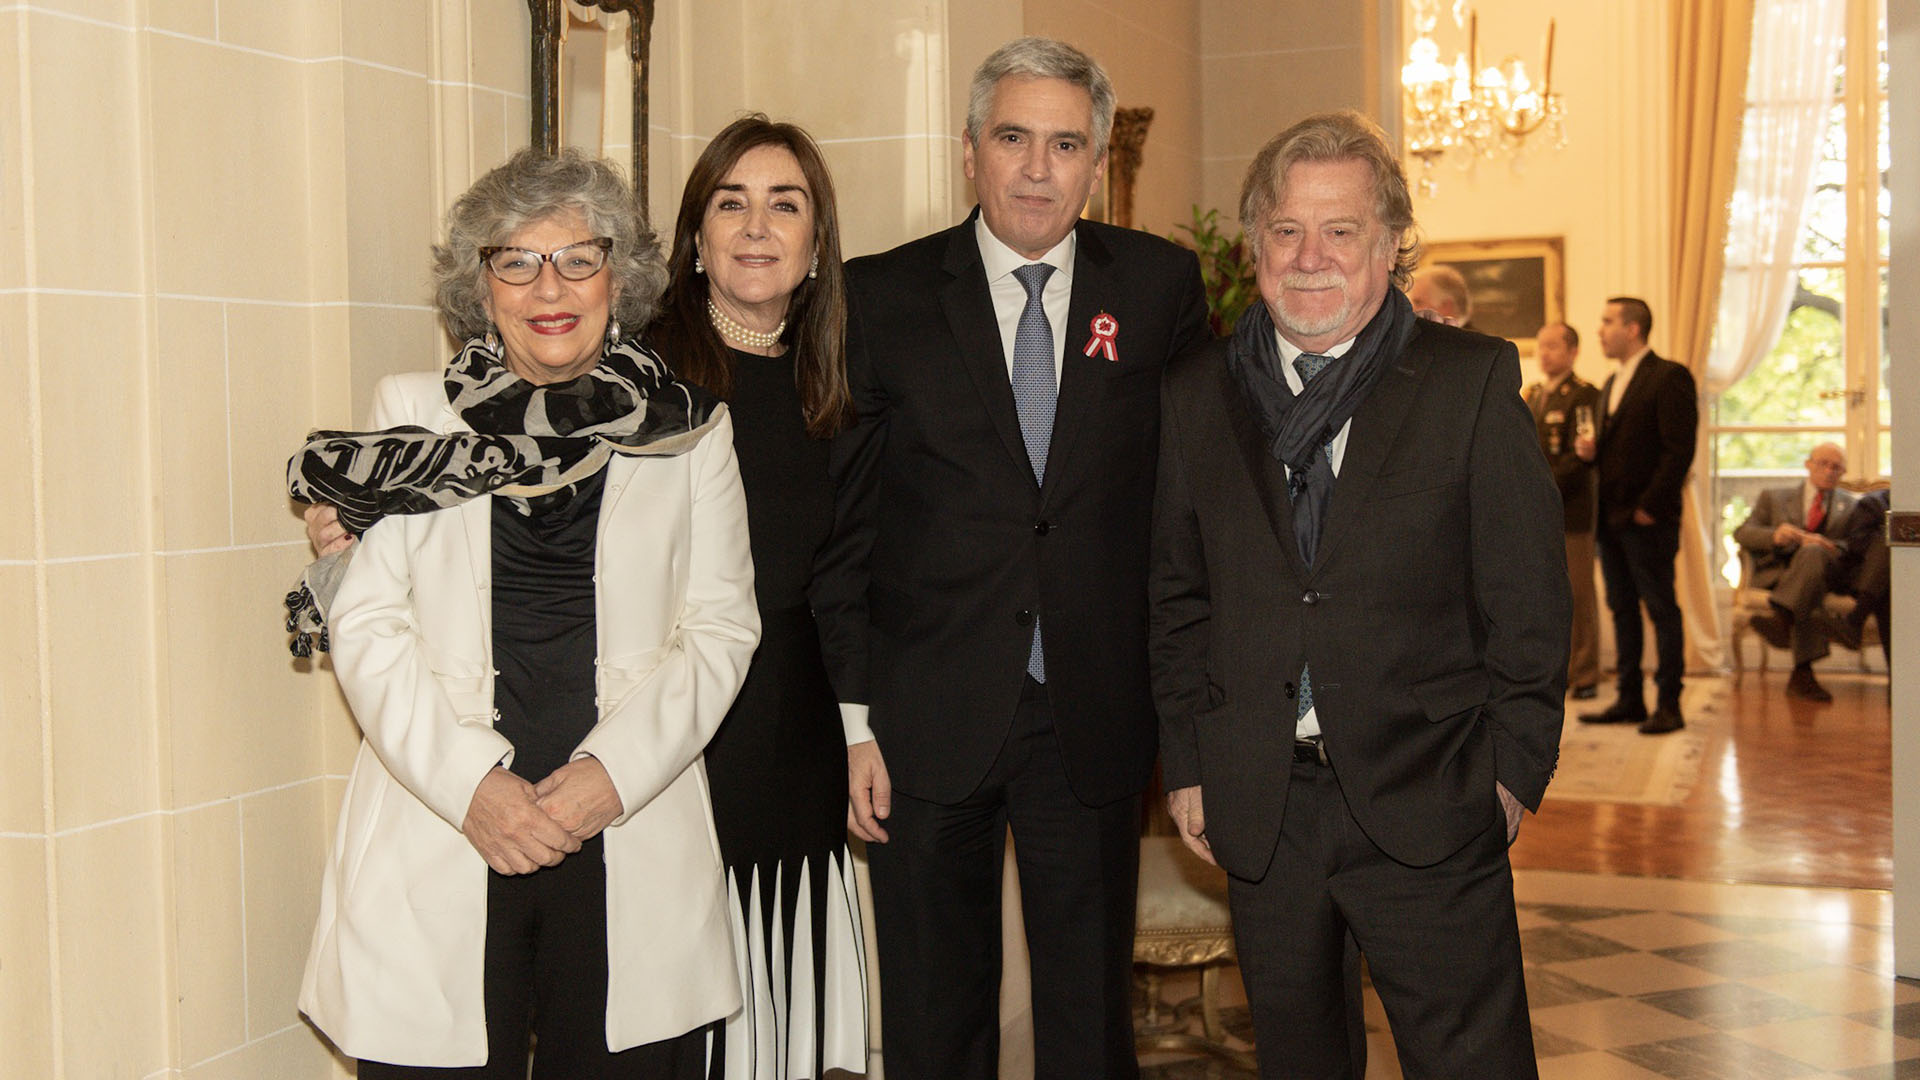 Ricardo Kirschbaum, editor general del diario Clarín, y la arquiteca Silvia Fajre,experta en gestión cultural y patrimonial